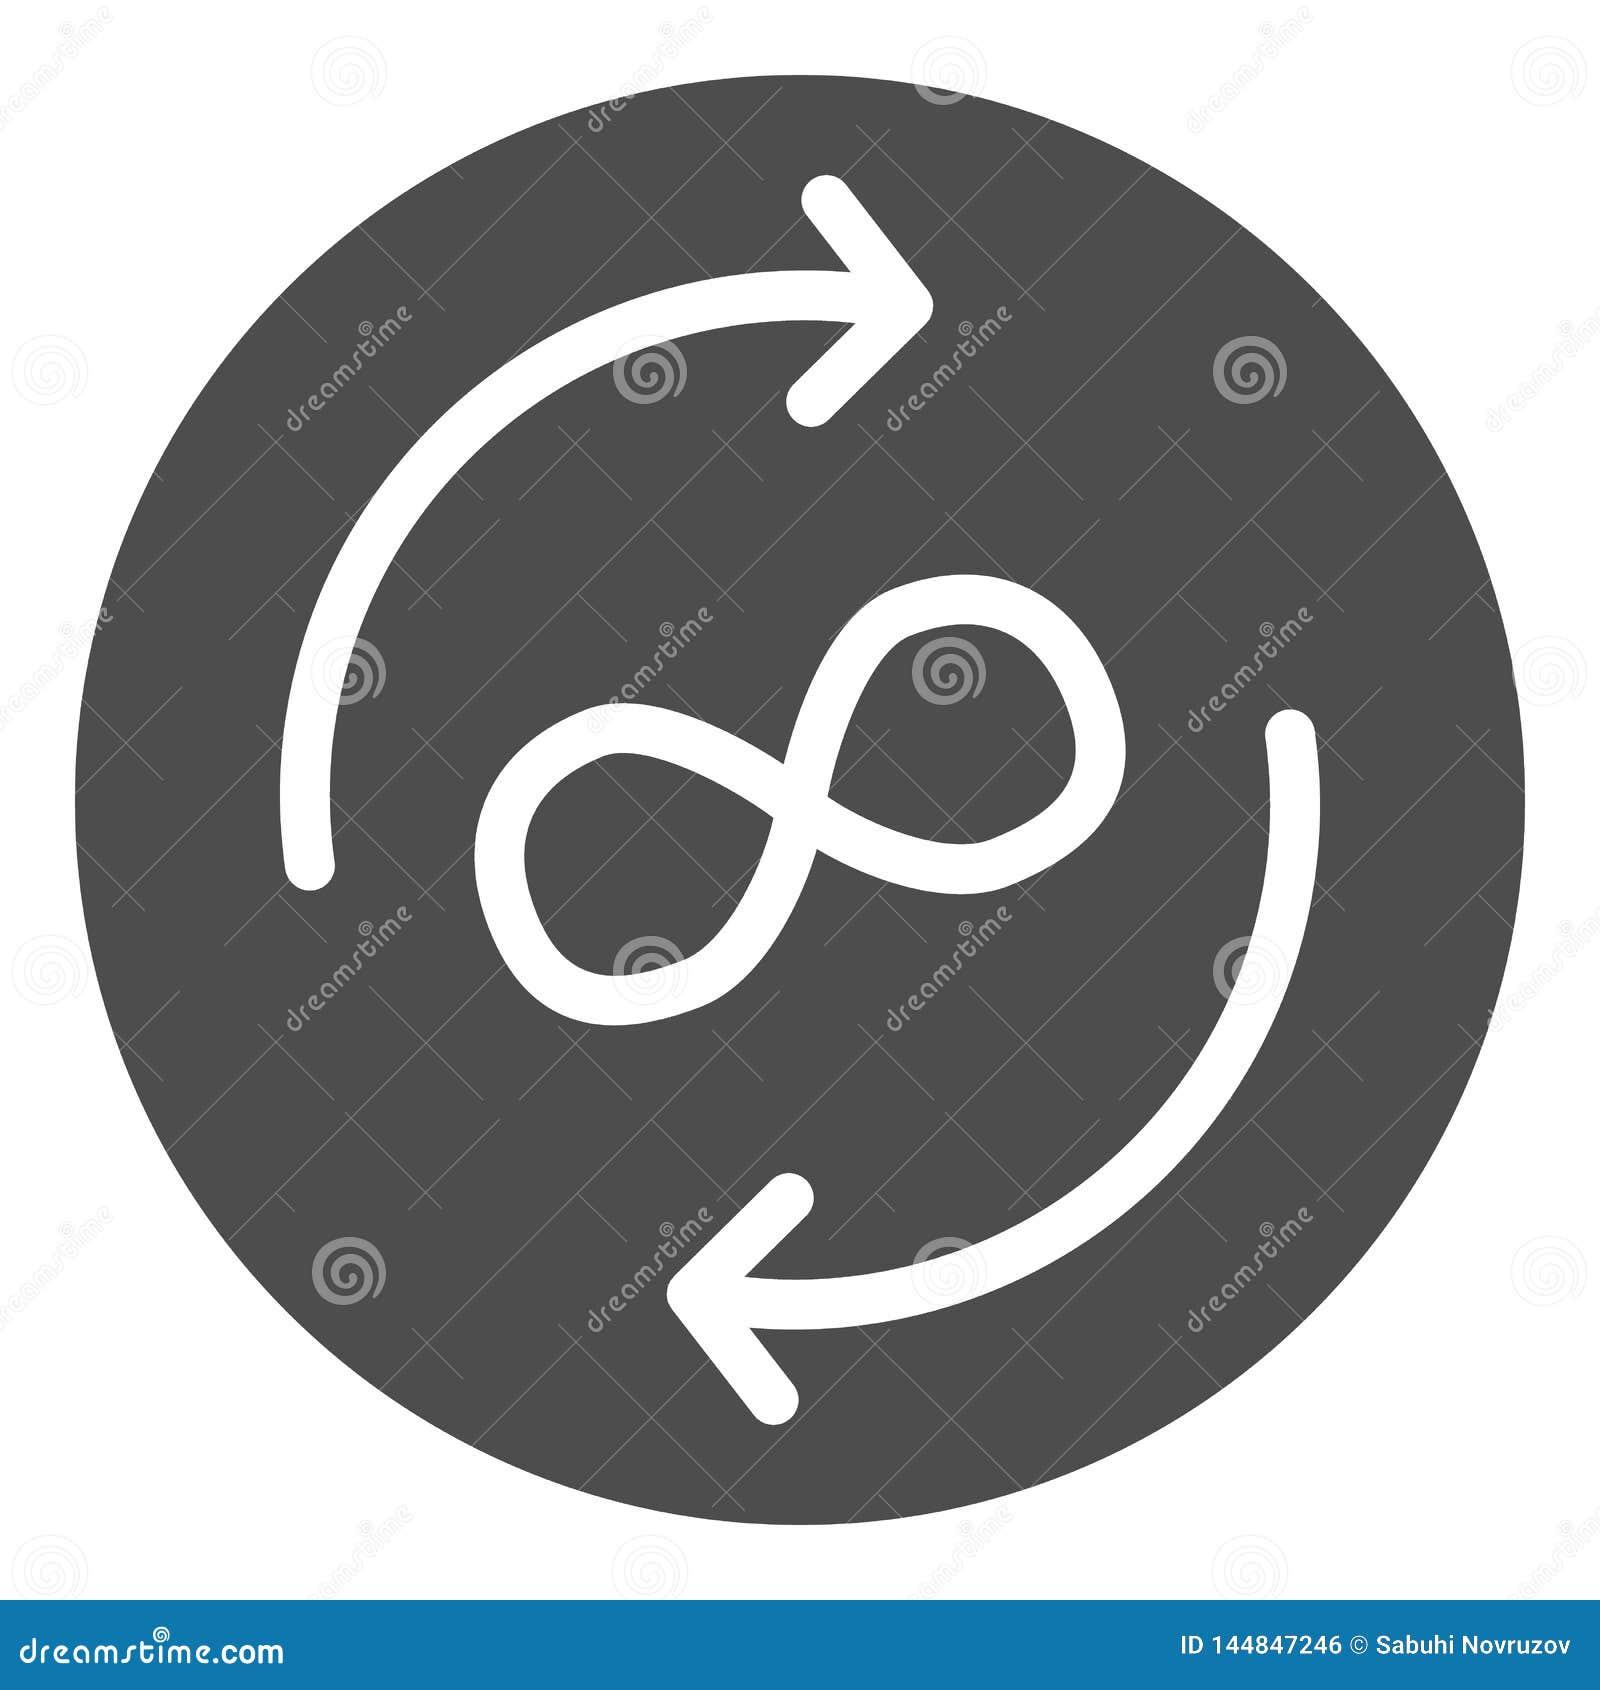 Icono sólido del intercambio del infinito Flechas y ejemplo del vector del símbolo del infinito aislado en blanco Glyph de las